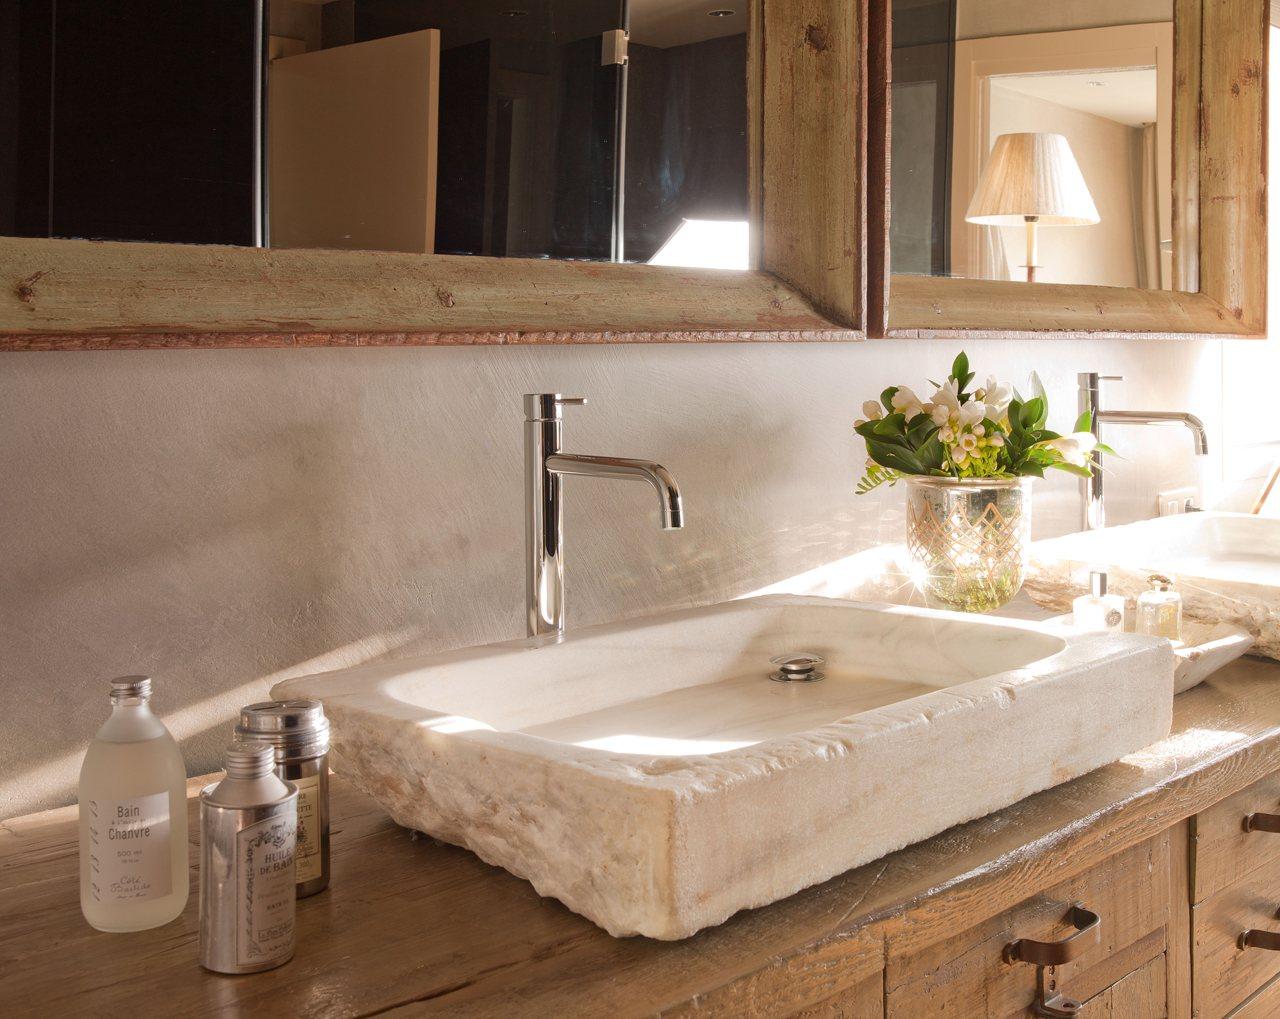 Consejos eco para gastar menos for Lavamanos de marmol